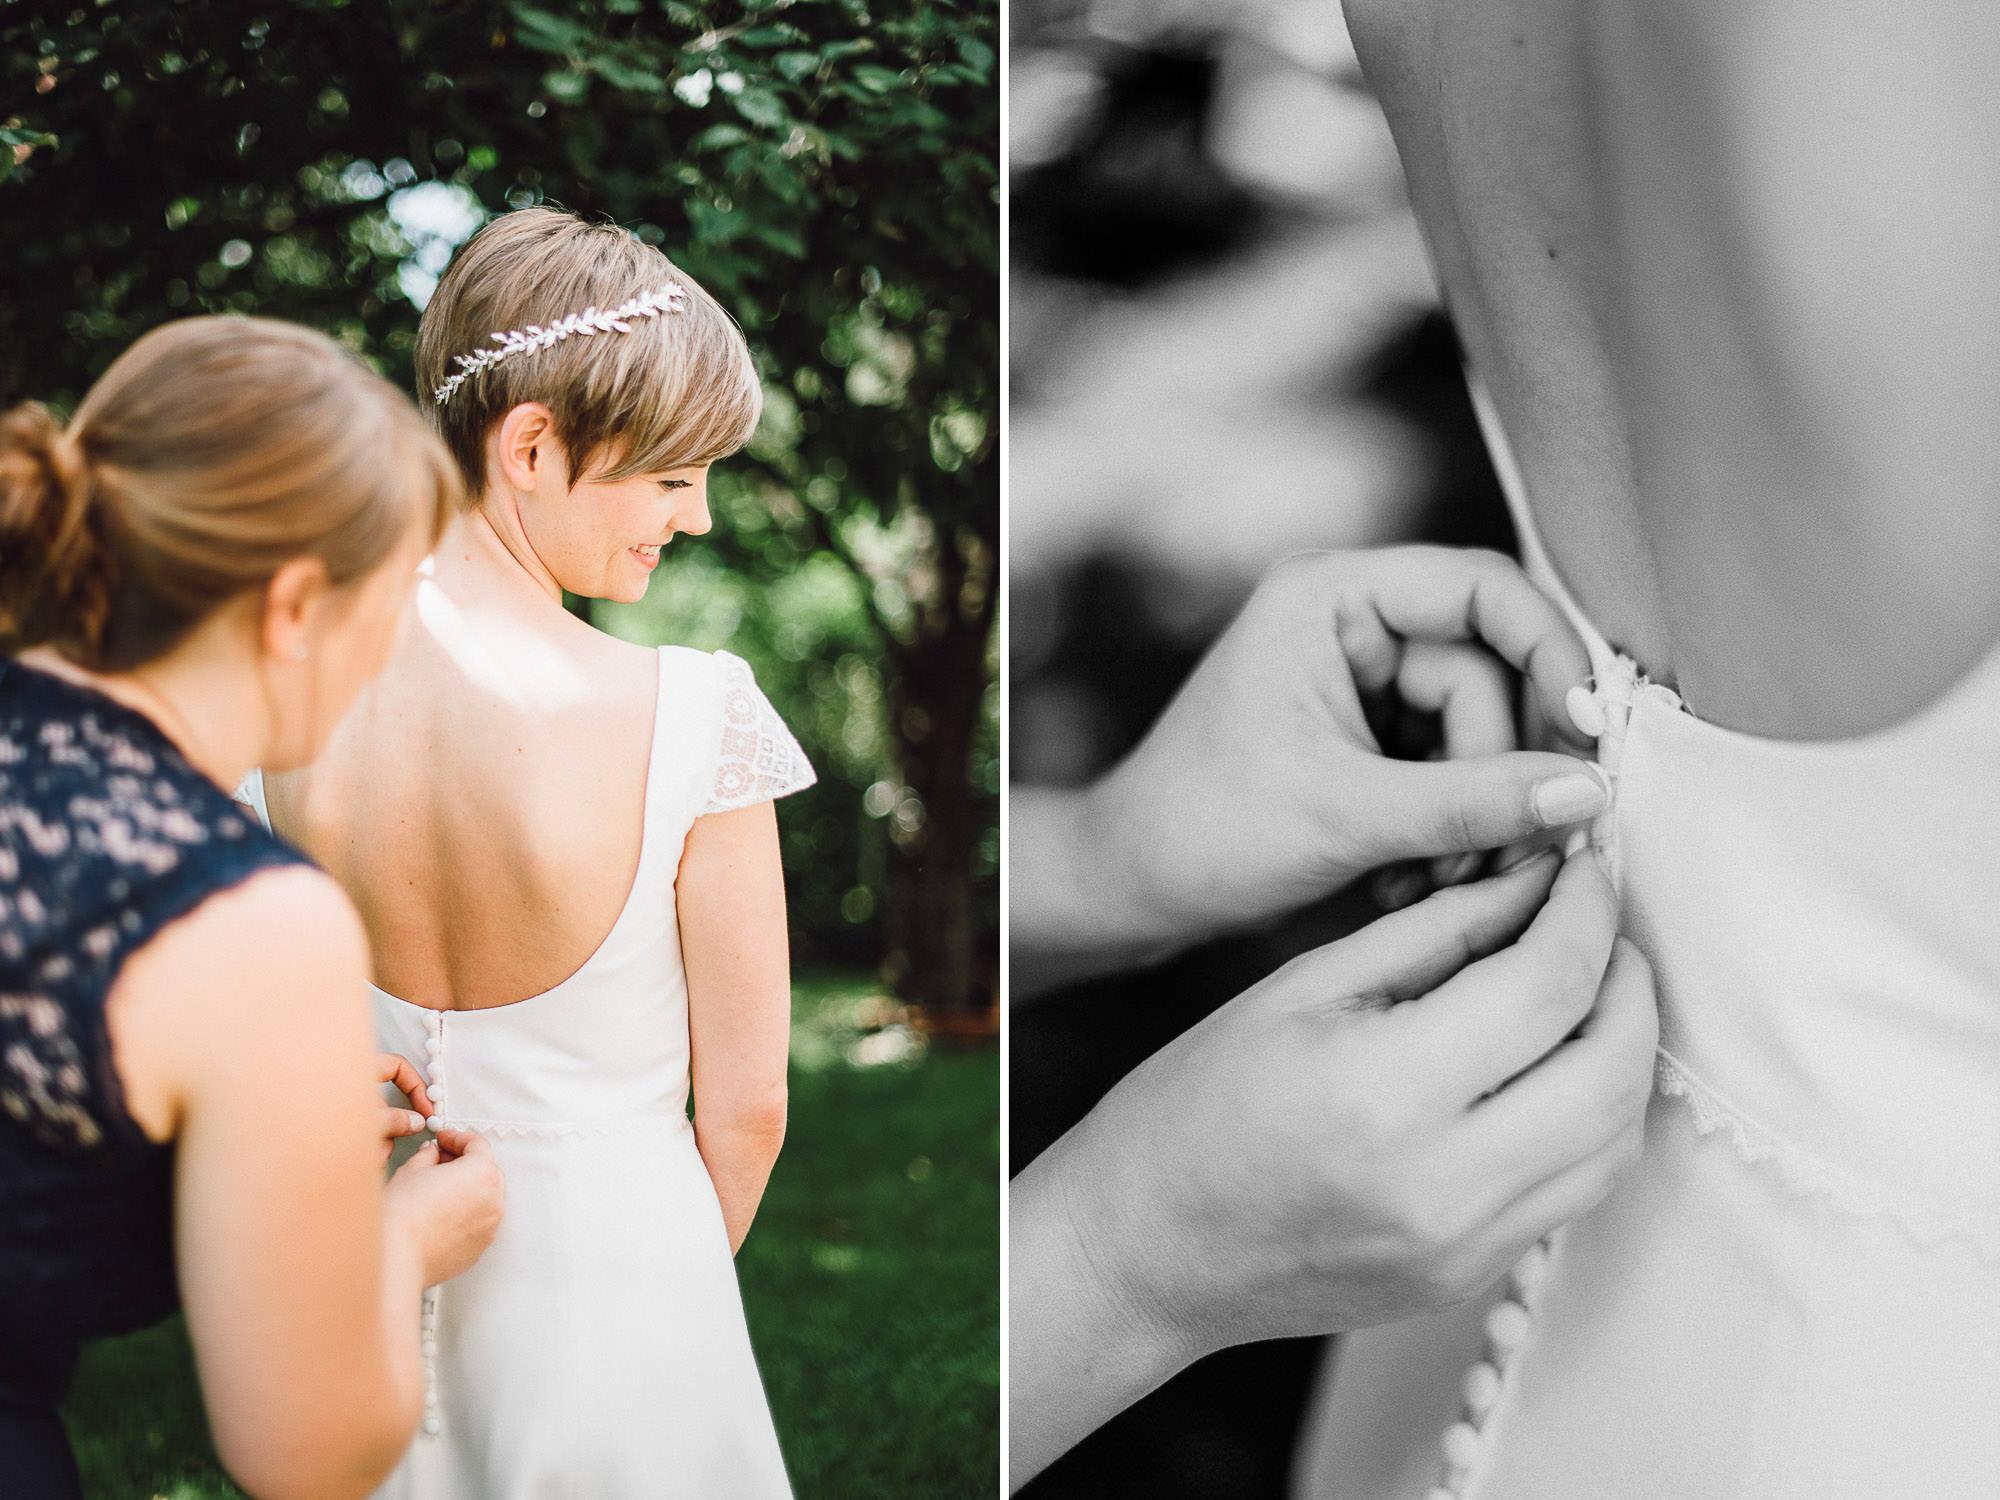 greenery-wedding-hochzeit-prielhof-sukkulenten-scheyern-lauraelenaphotography-012